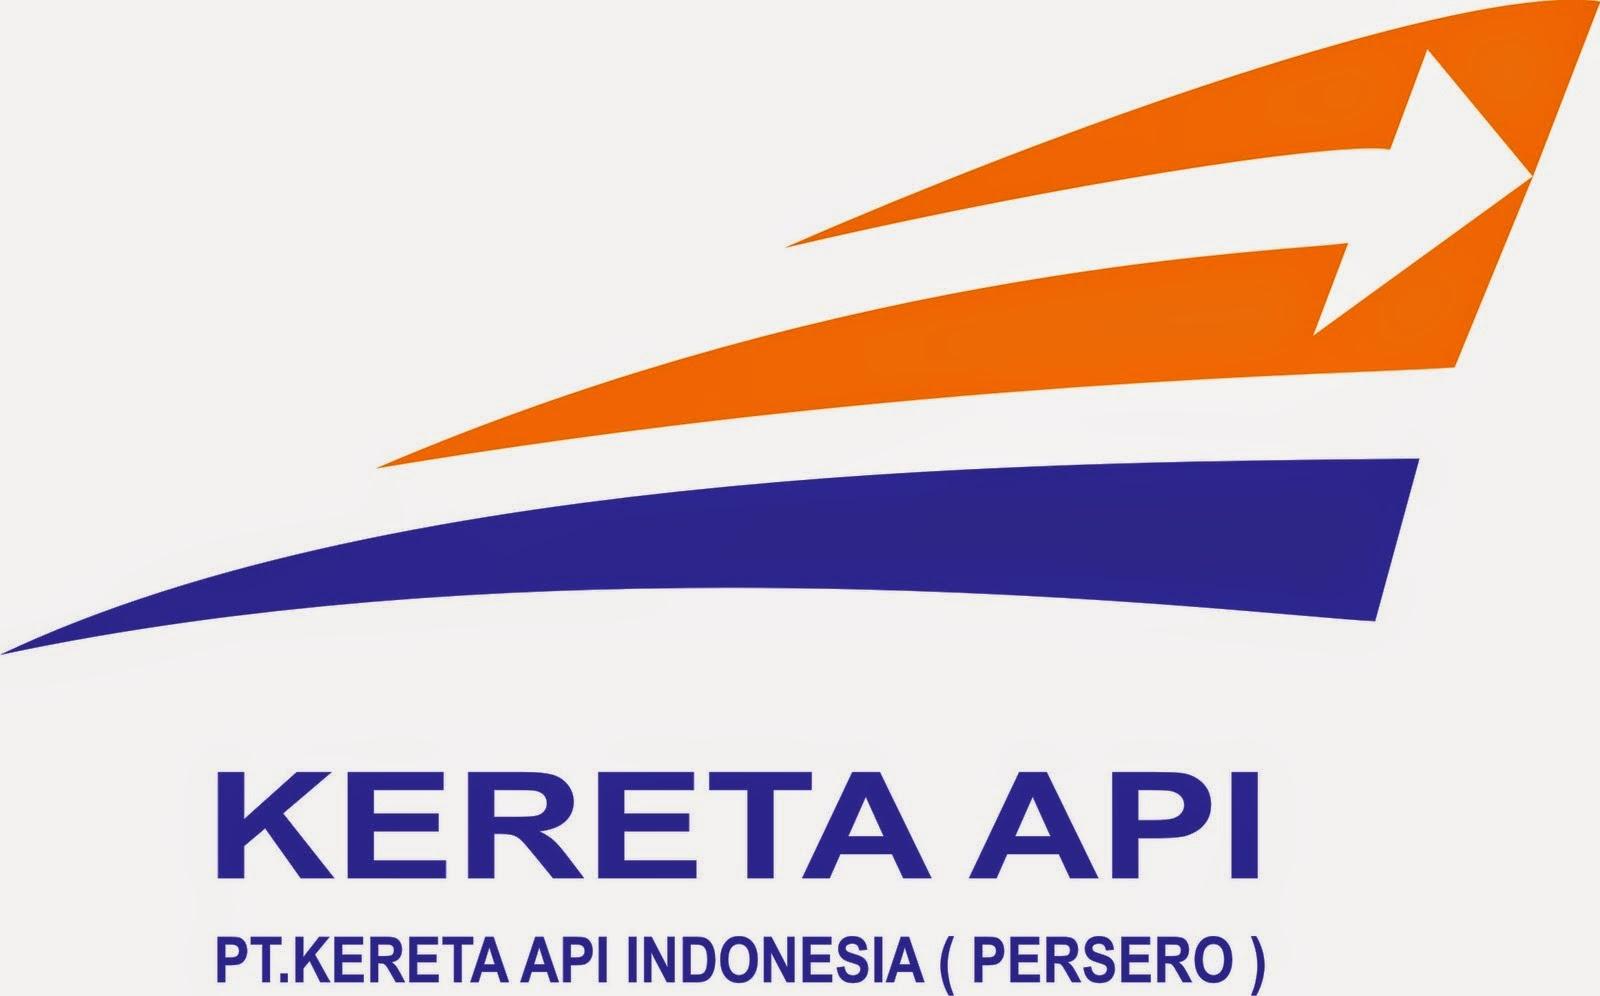 2015 : Lowongan Kerja PT Kereta Api Indonesia (KAI) Terbaru